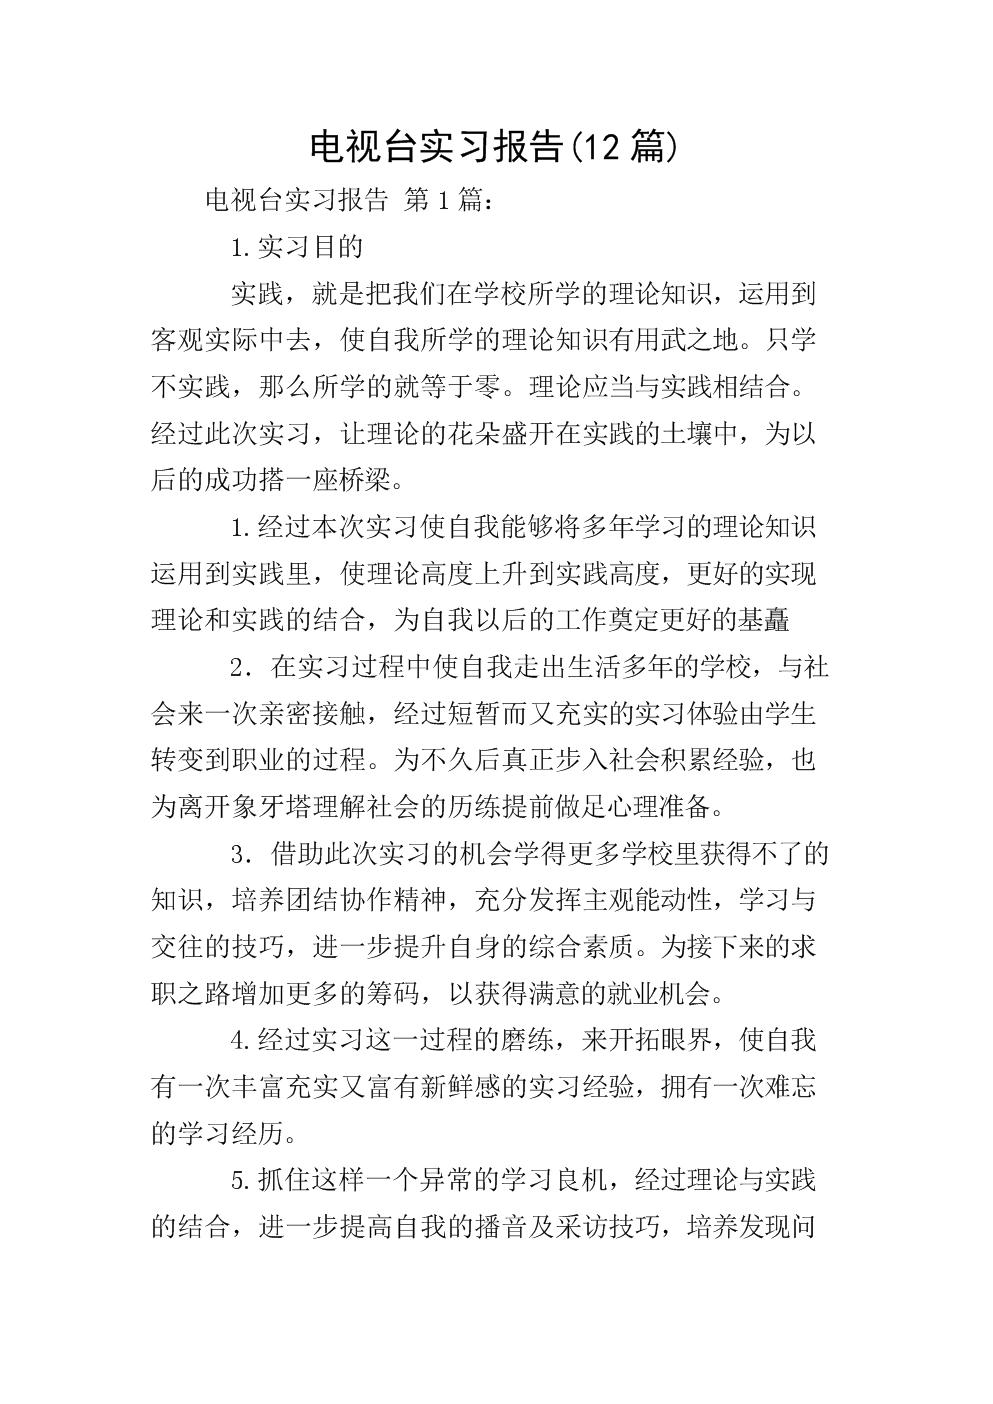 电视台实习报告(12篇).doc